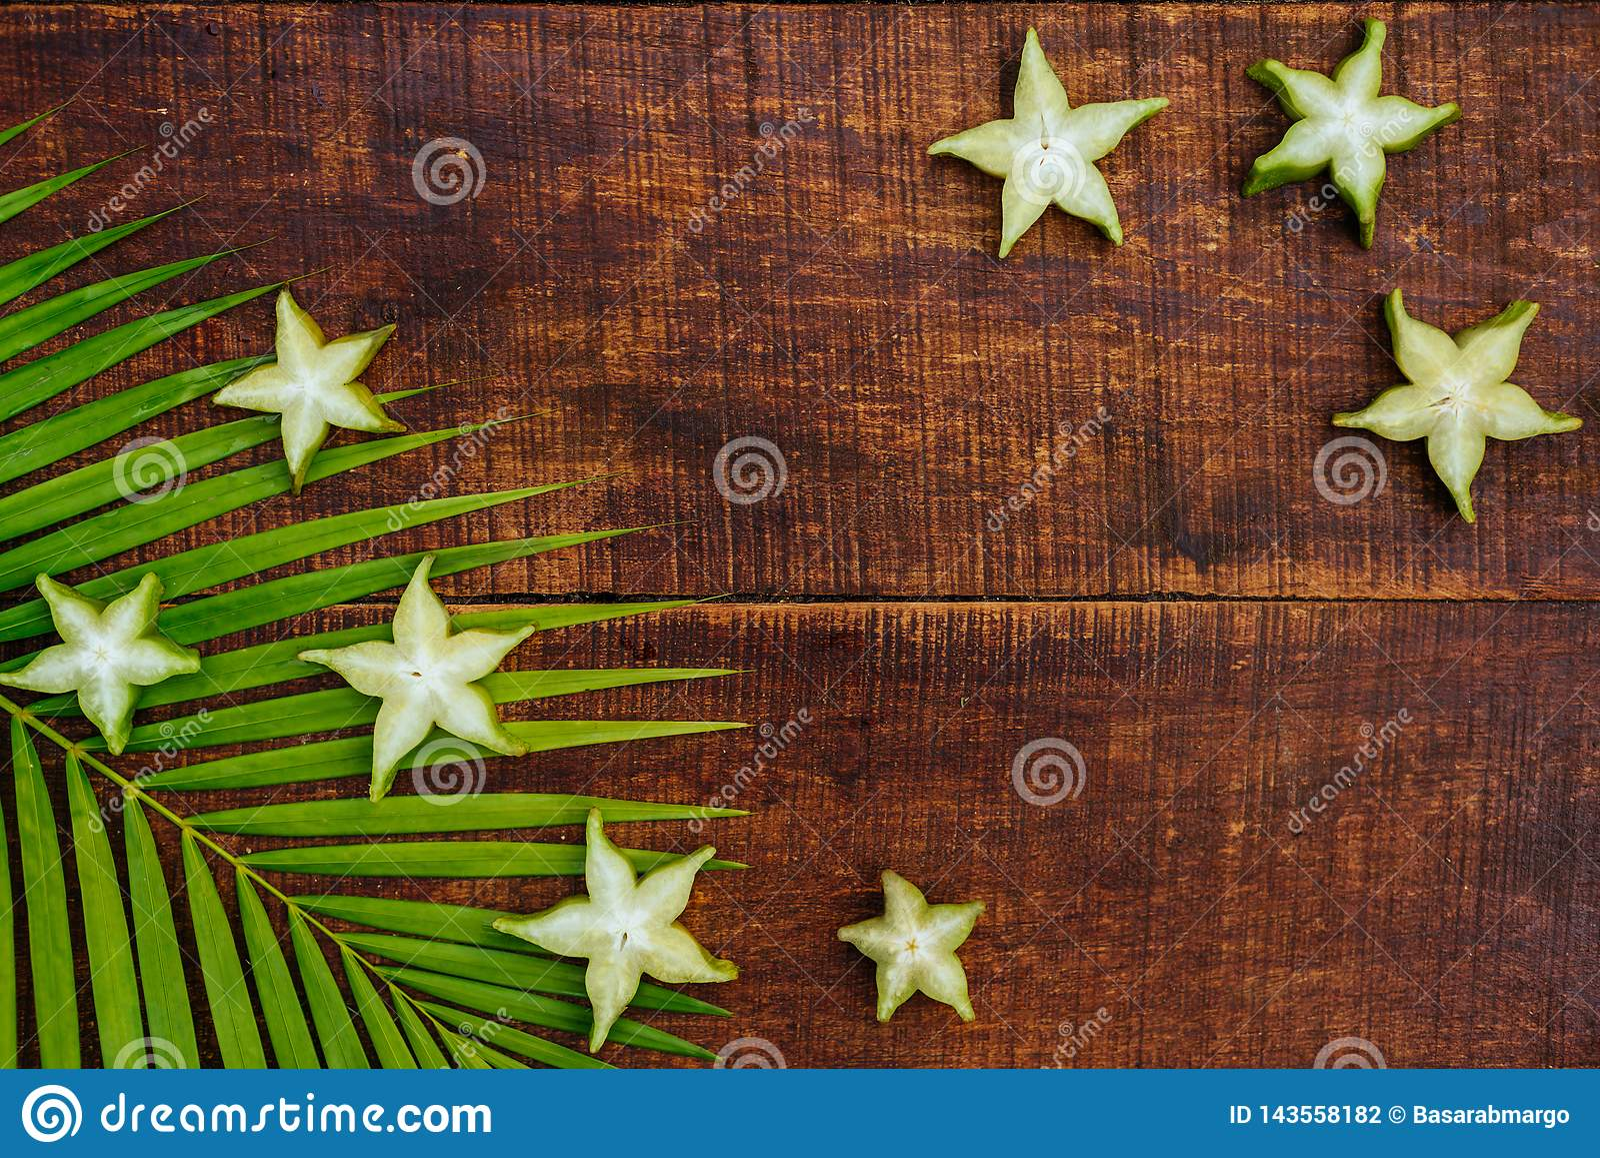 Fruto de estrela, starfruit ou maçã de estrela